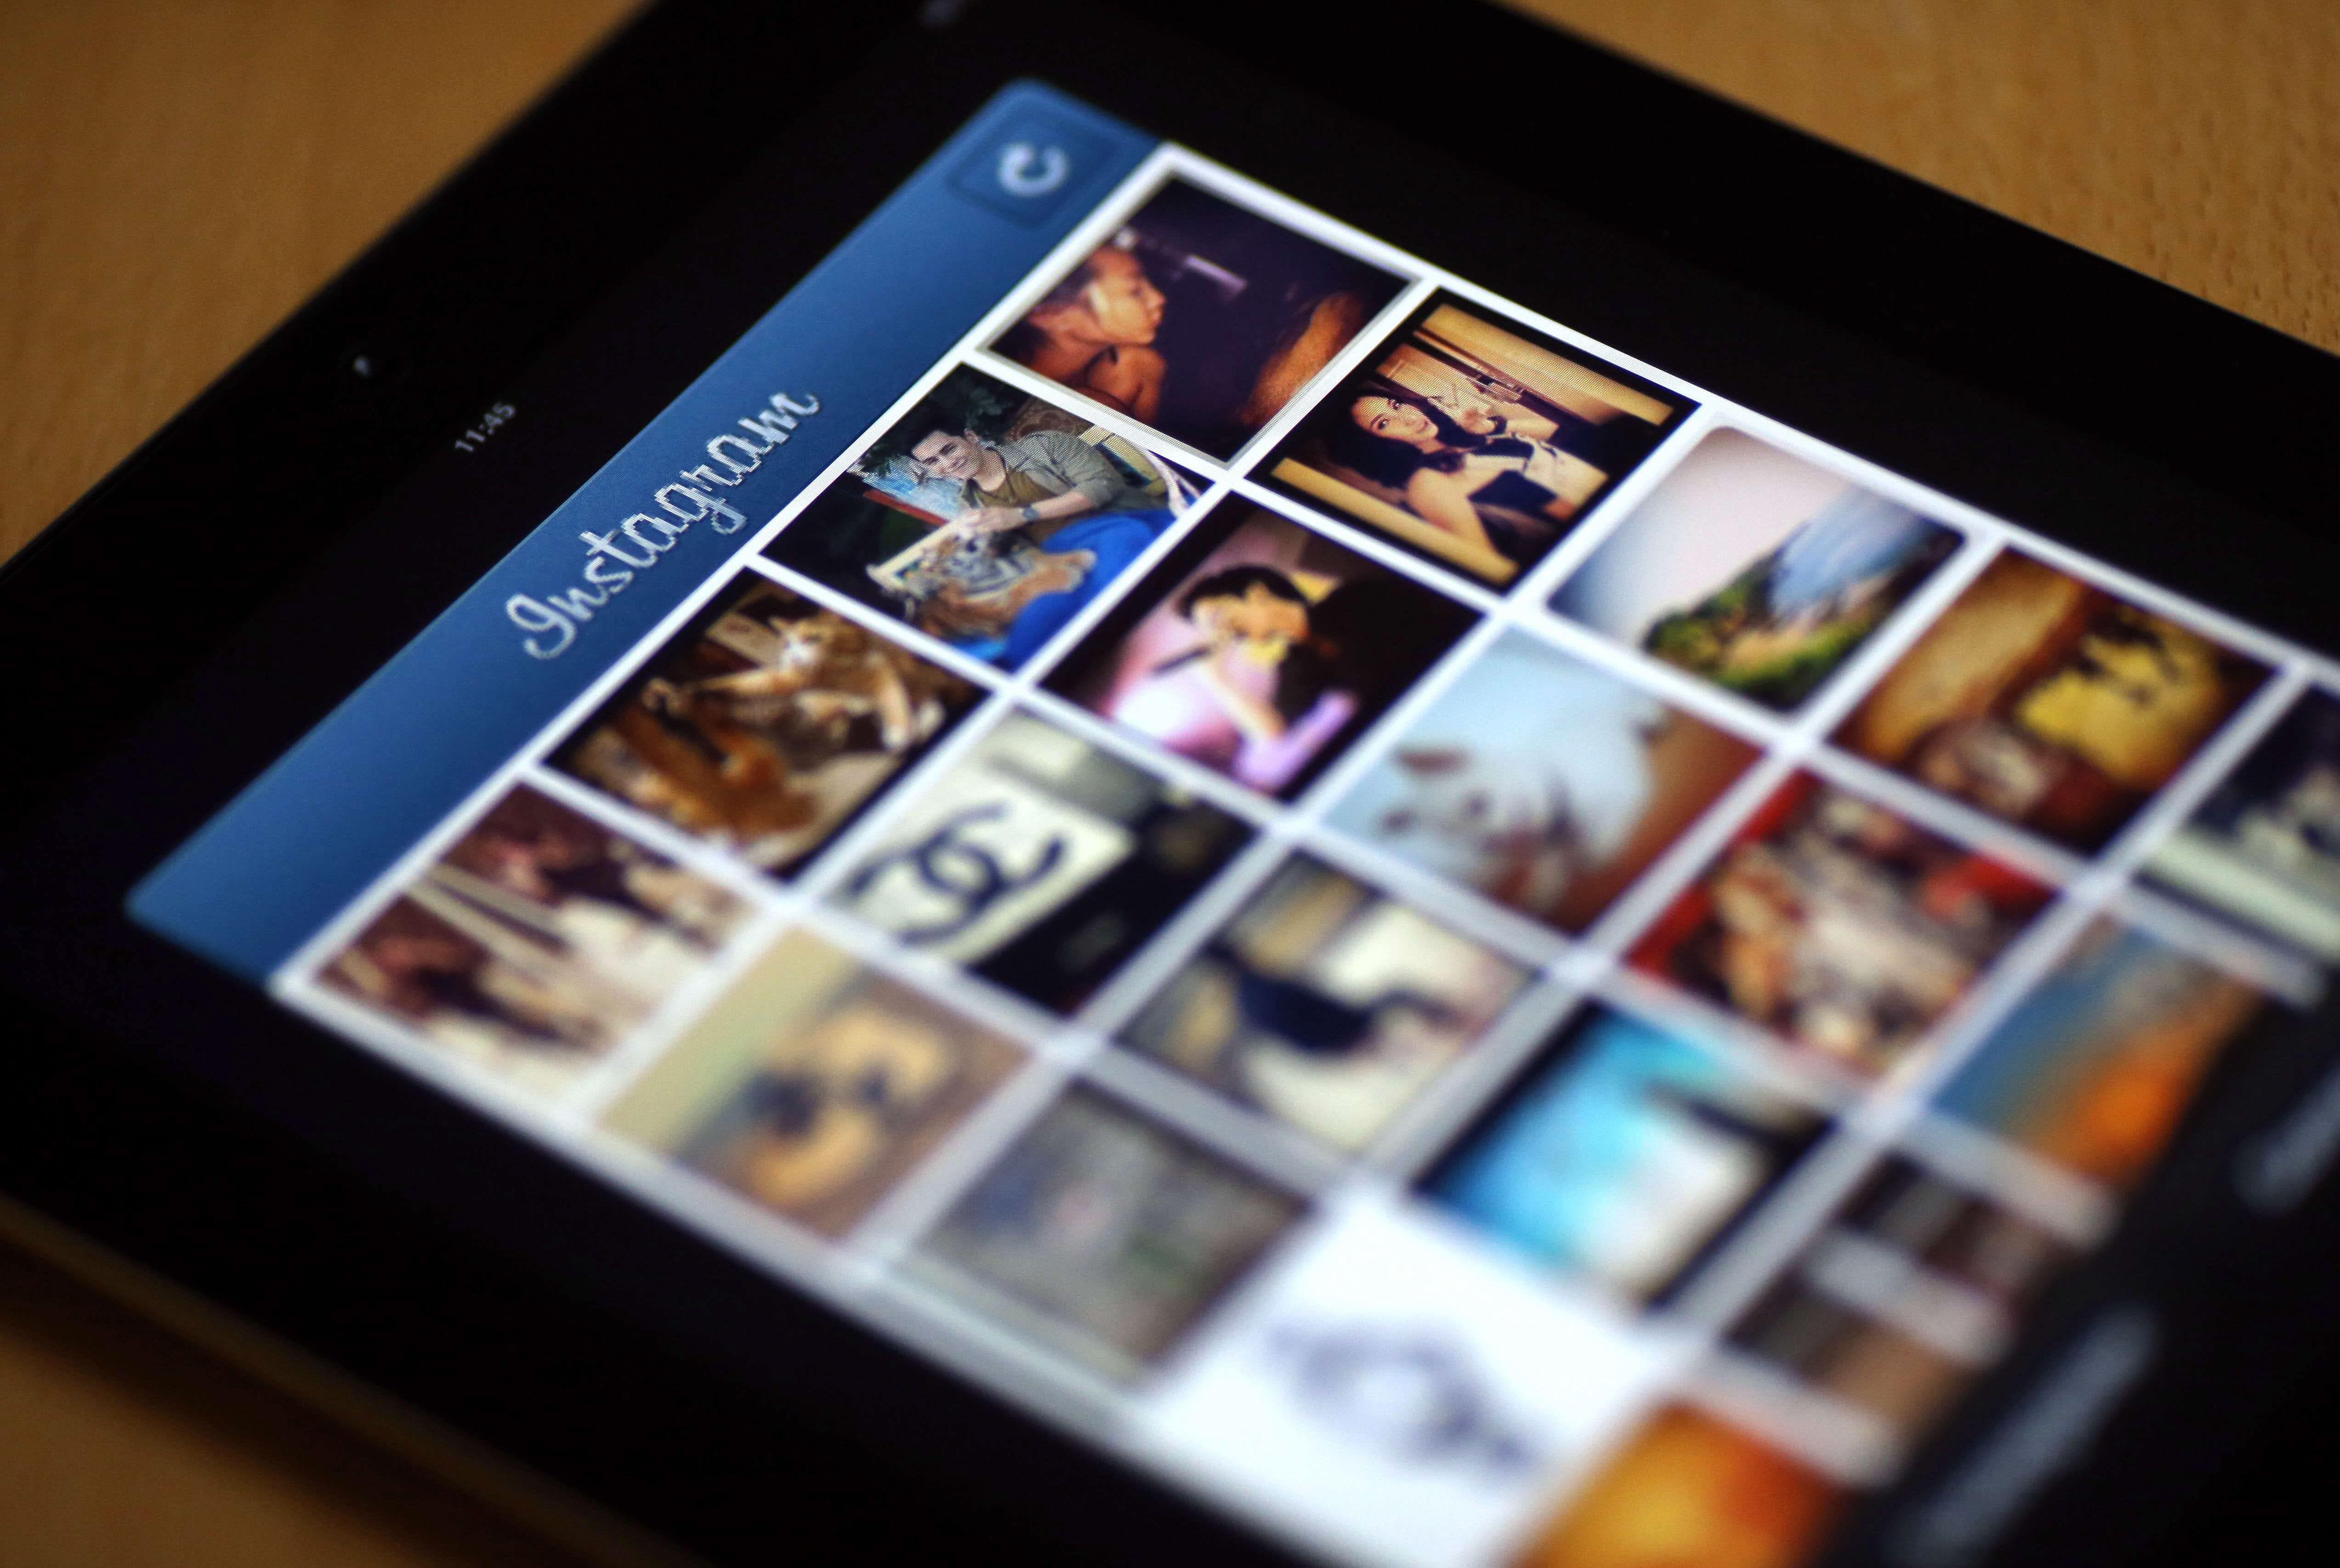 Instagram pierde más del 50% de sus usuarios activos diarios en un mes